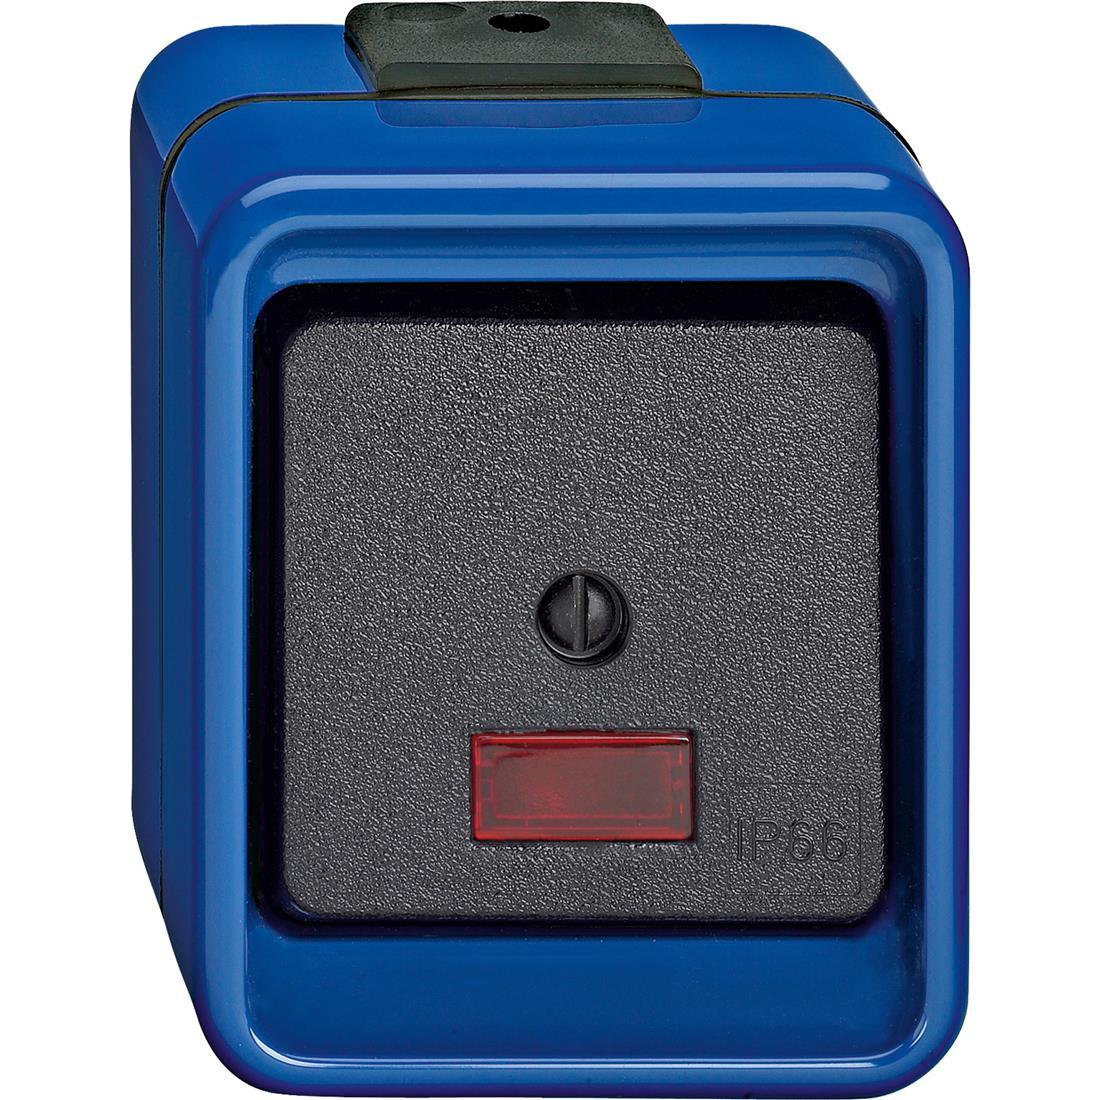 Schneider-Merten Slagvast wisselschakelaar met lamp - blauw (372675)